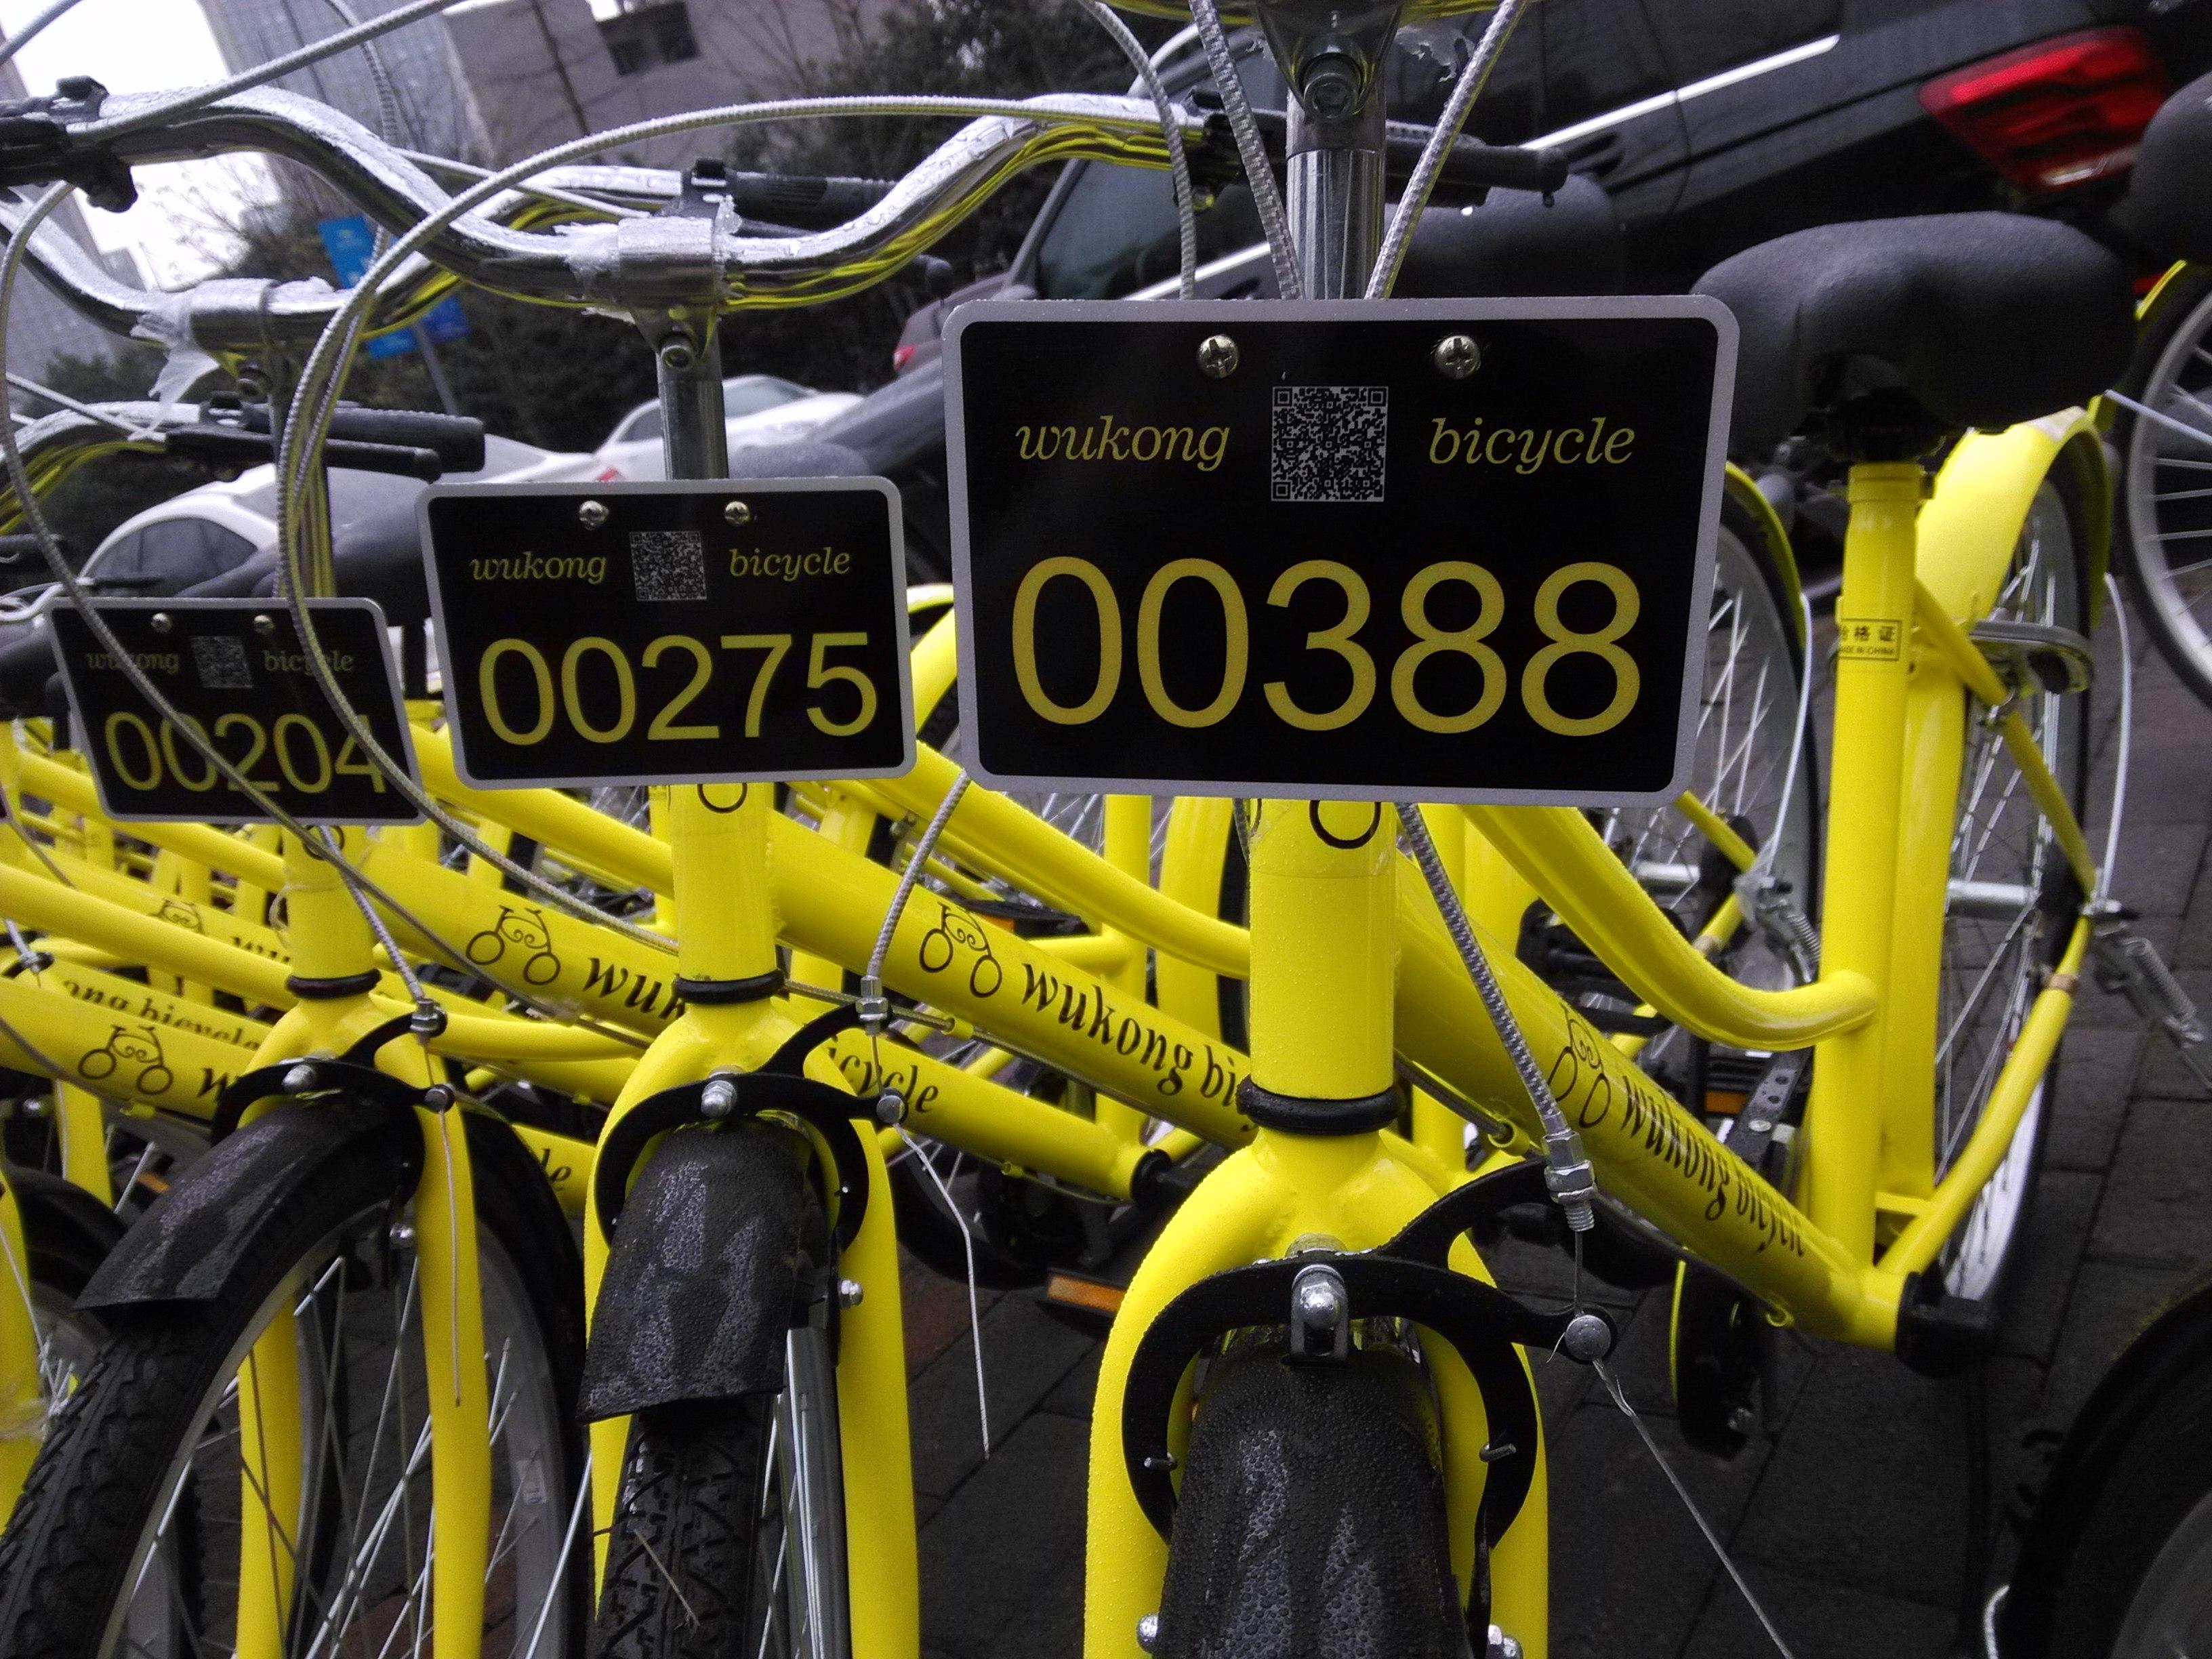 繼共享單車「悟空單車」、「3Vbike」倒閉後,「町町單車」在南京市場掙扎了近8個月後,近日也以營運團隊跑路收場。難道共享單車已經迎來倒閉潮了嗎?(取自搜狐)